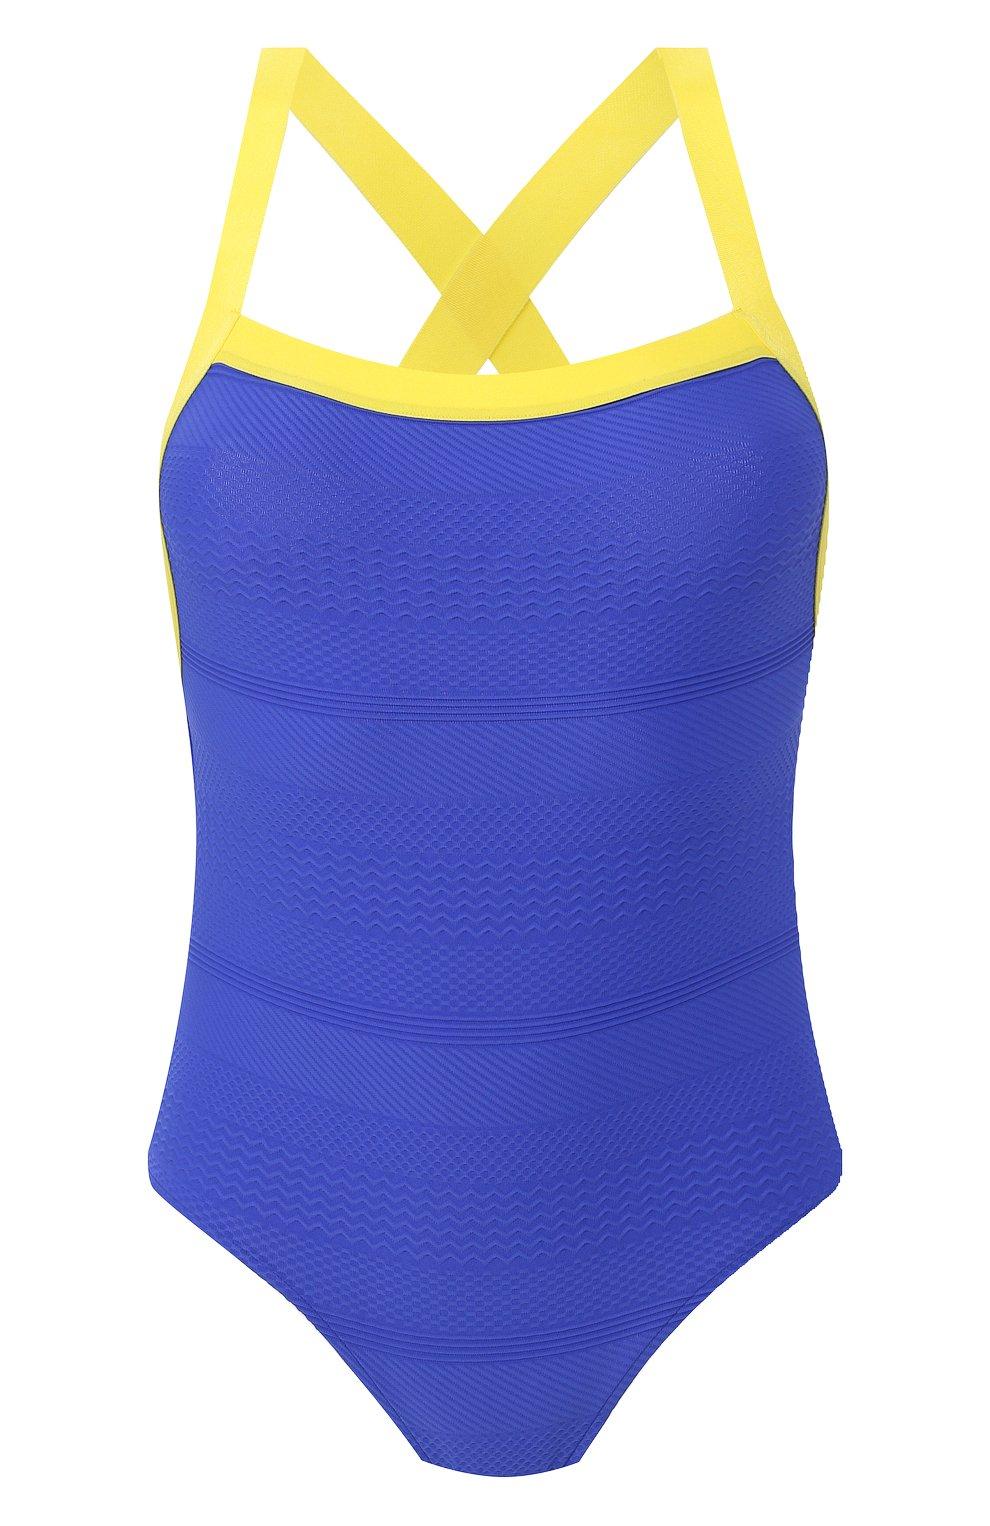 Женский слитный купальник ANDRES SARDA синего цвета, арт. 3408537 | Фото 1 (Длина Ж (юбки, платья, шорты): Мини; Материал внешний: Синтетический материал; Женское Кросс-КТ: Слитные купальники)